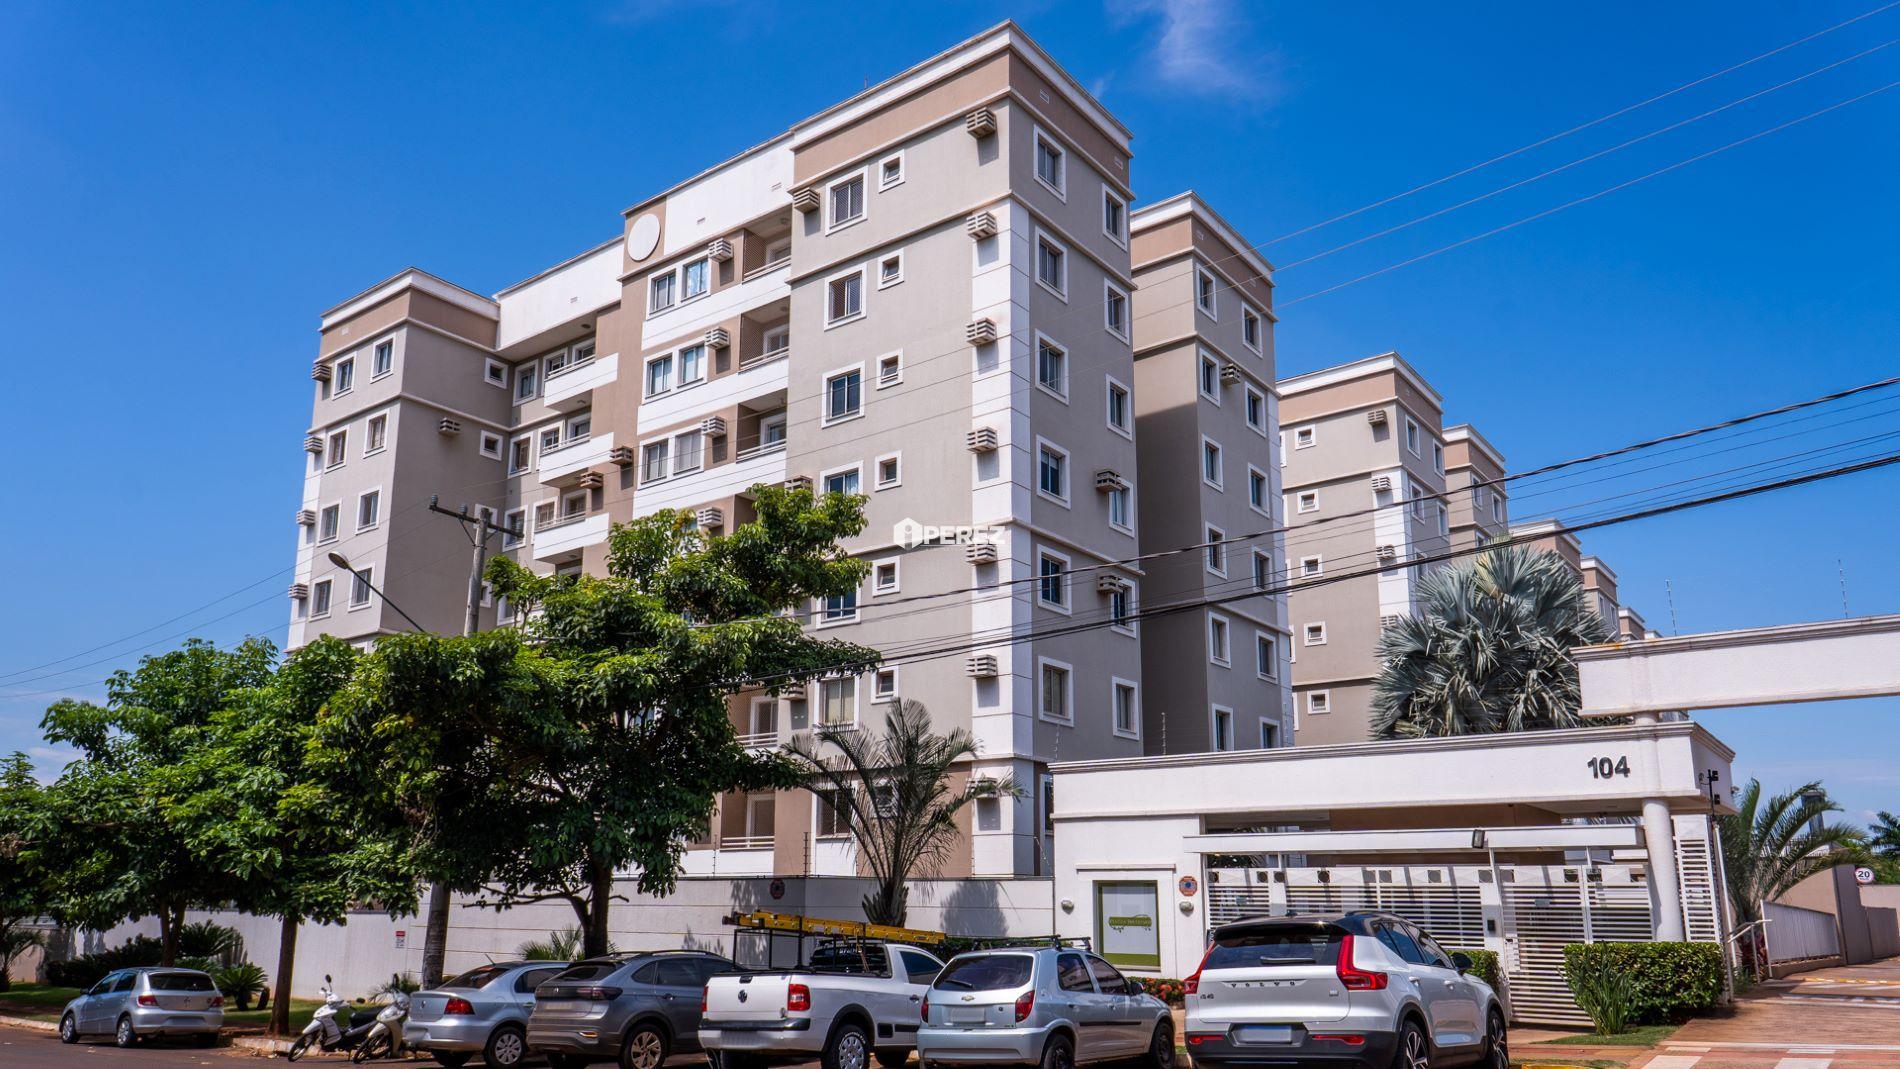 aluguel-campo-grande-ms-apartamento-doutor-werneck-vila-albuquerque-perez-imoveis